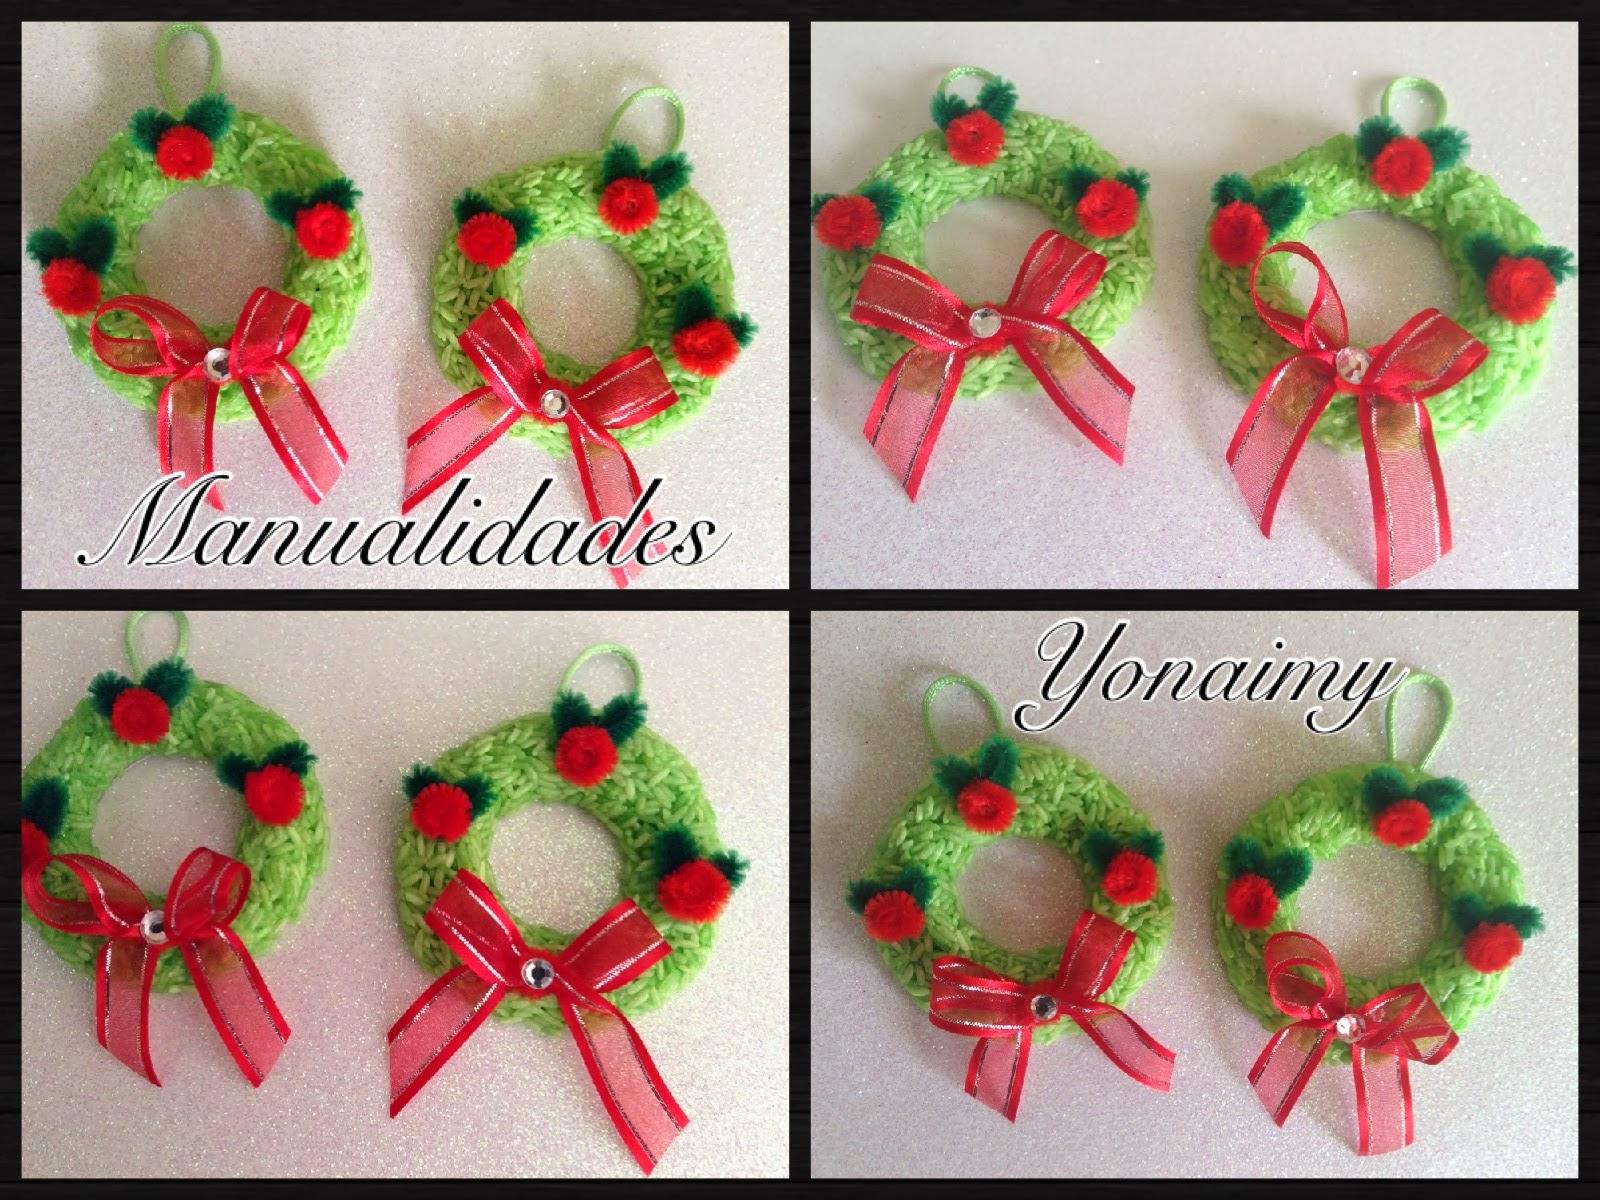 manualidades yonaimy diciembre 2013